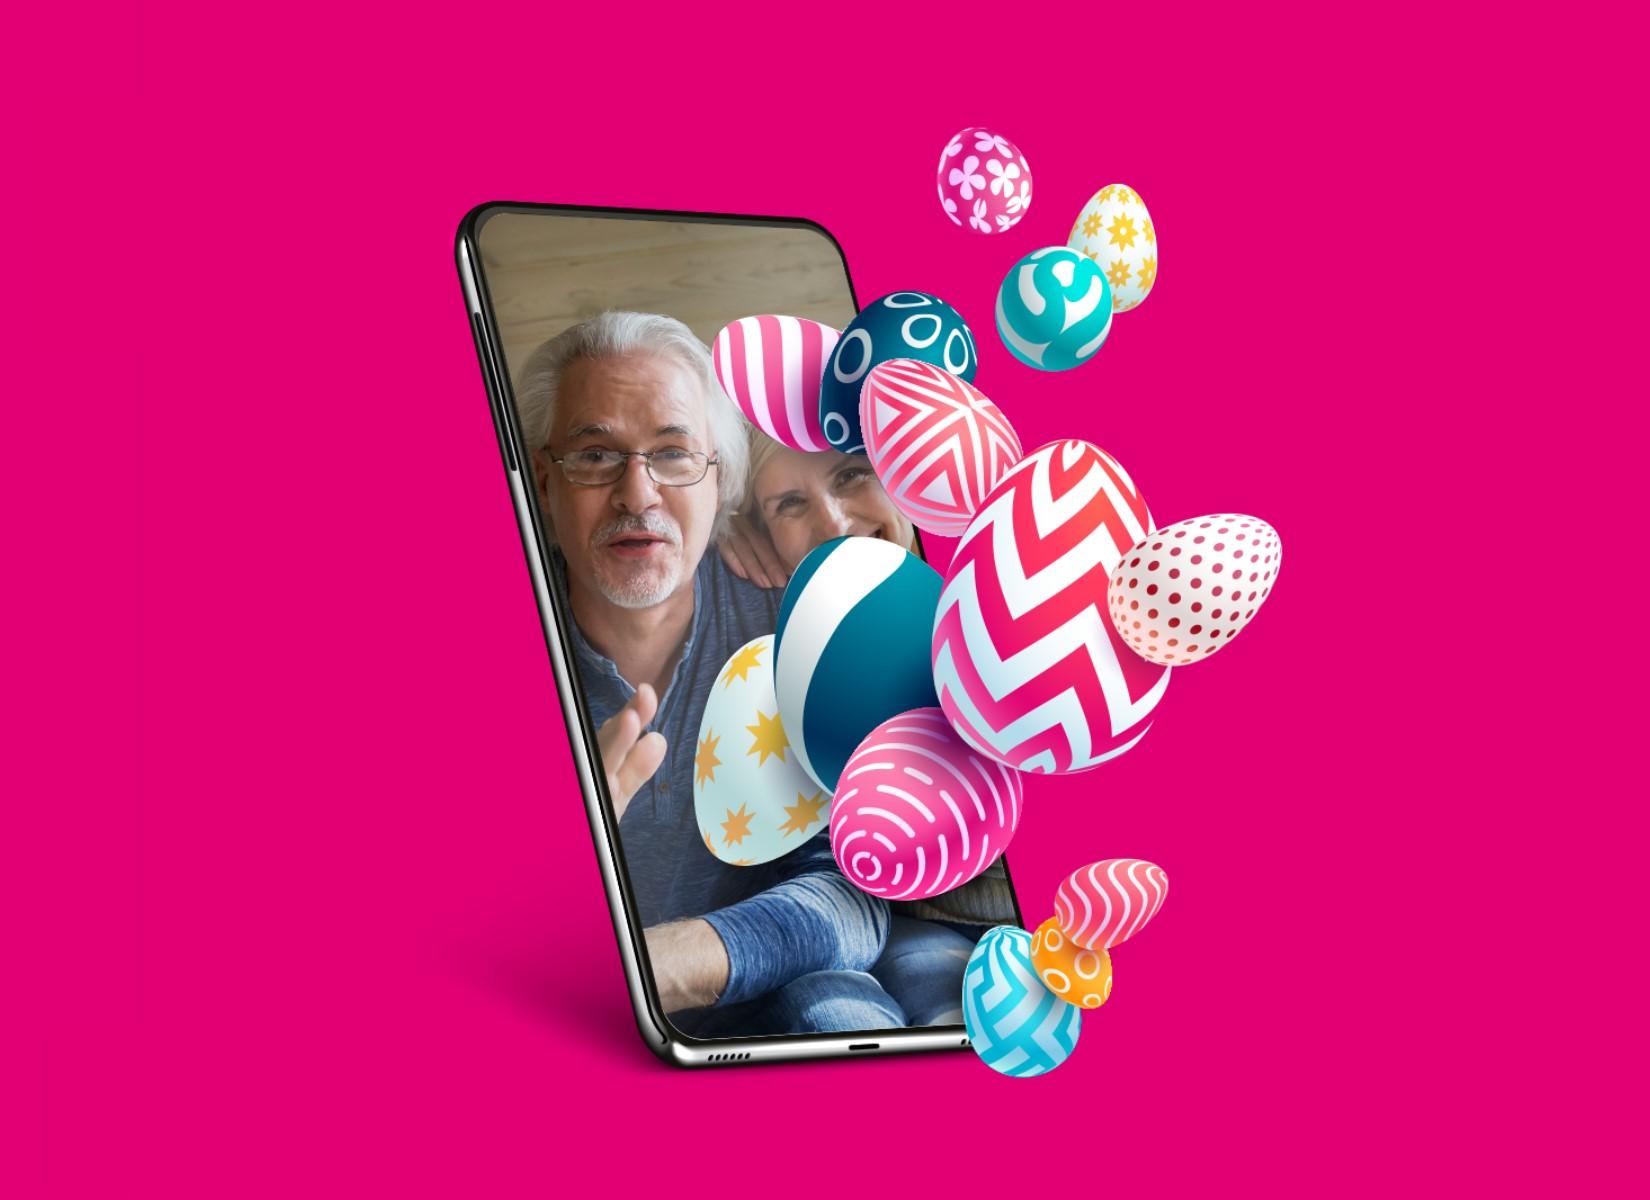 Jak za dawnych czasów: oprócz gigabajtów, T-Mobile daje klientom darmowe... minuty